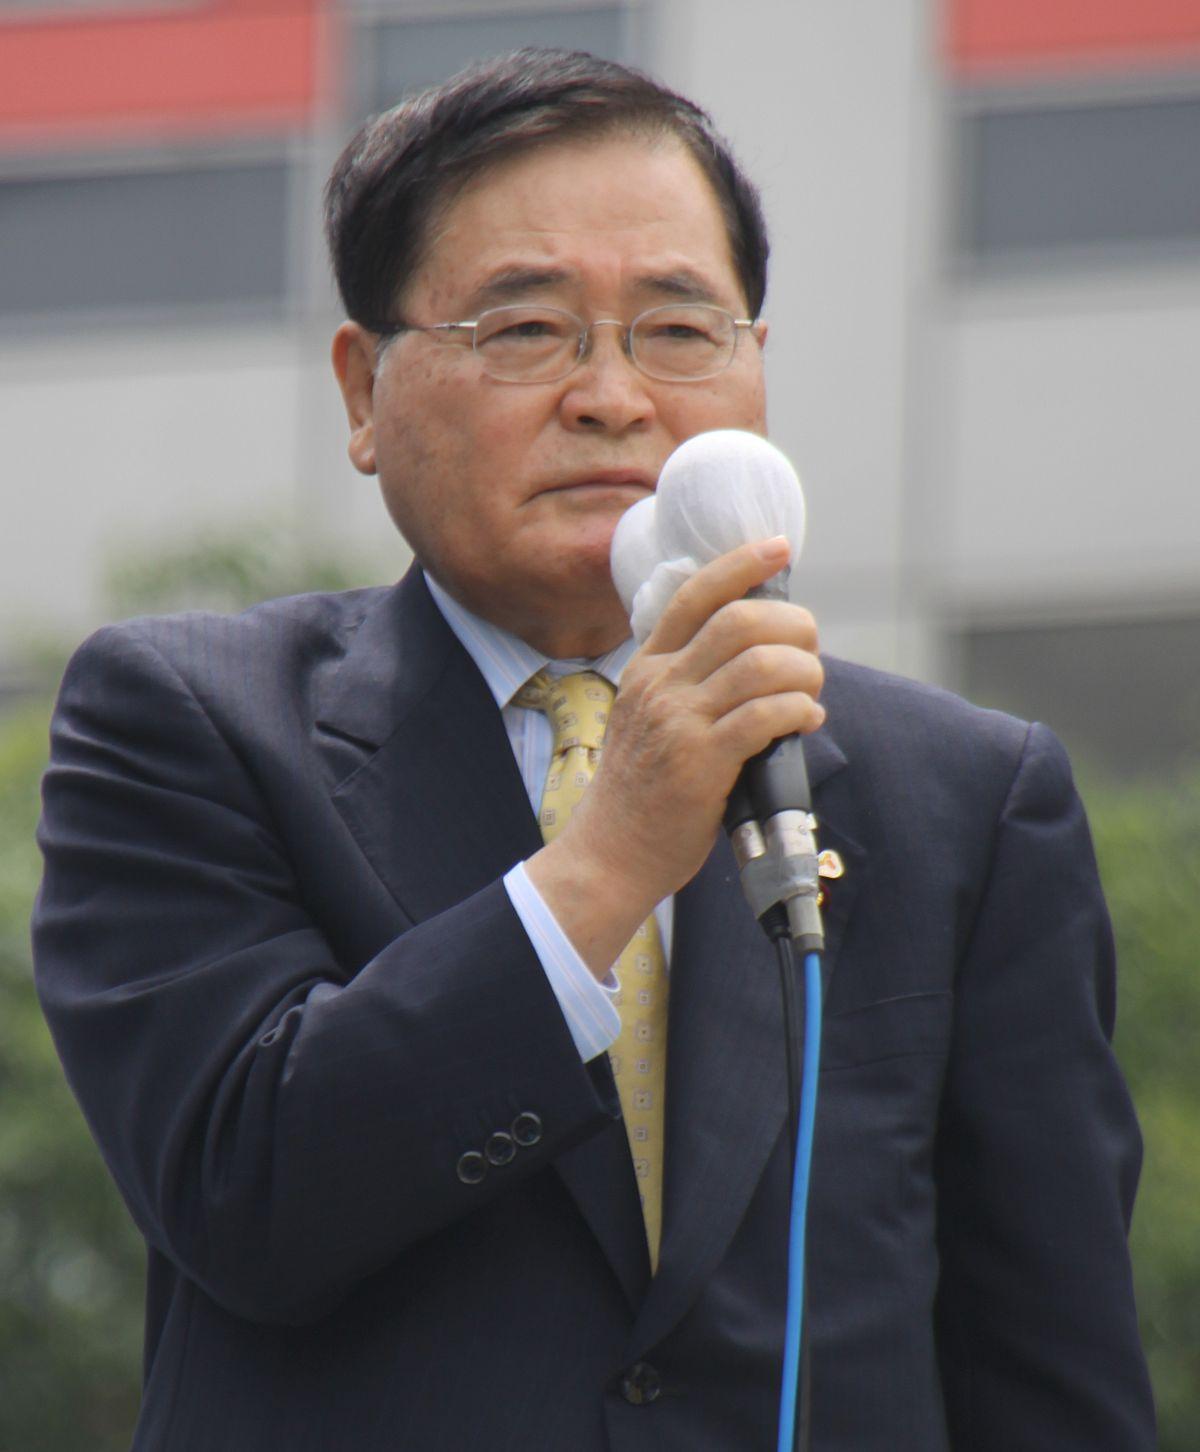 亀井静香 - Wikipedia